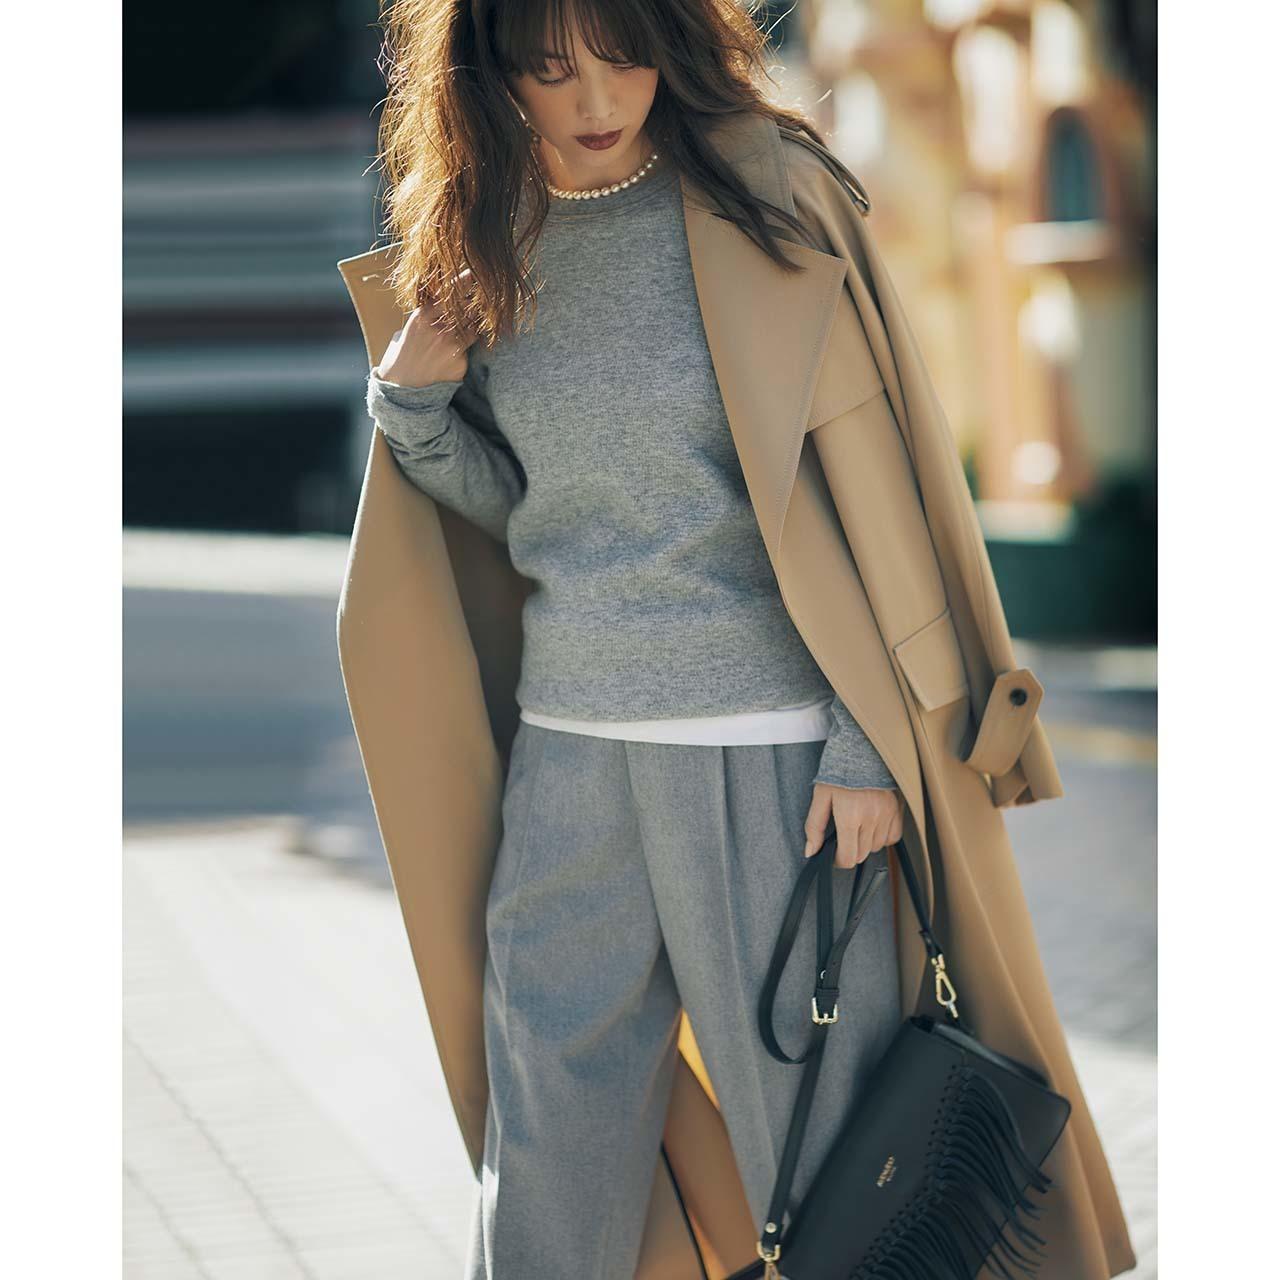 ベージュのトレンチコート×カットソー&パールネックレスのファッションコーデ